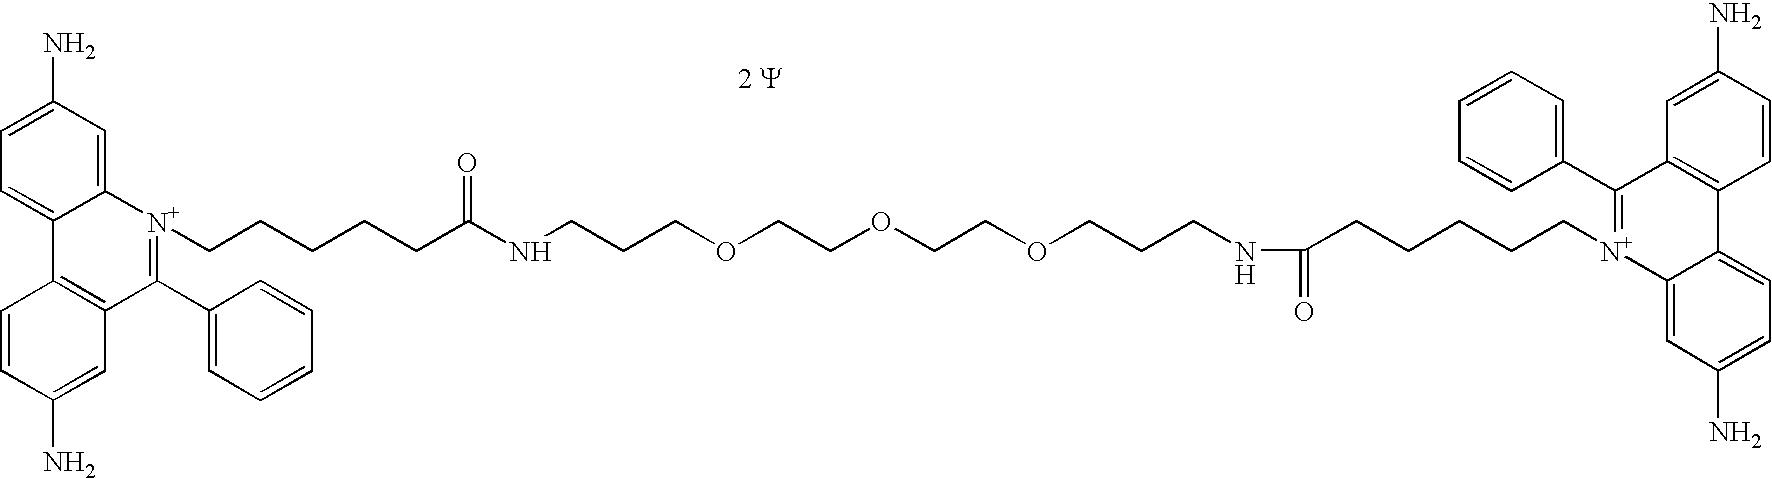 Figure US20060211028A1-20060921-C00110